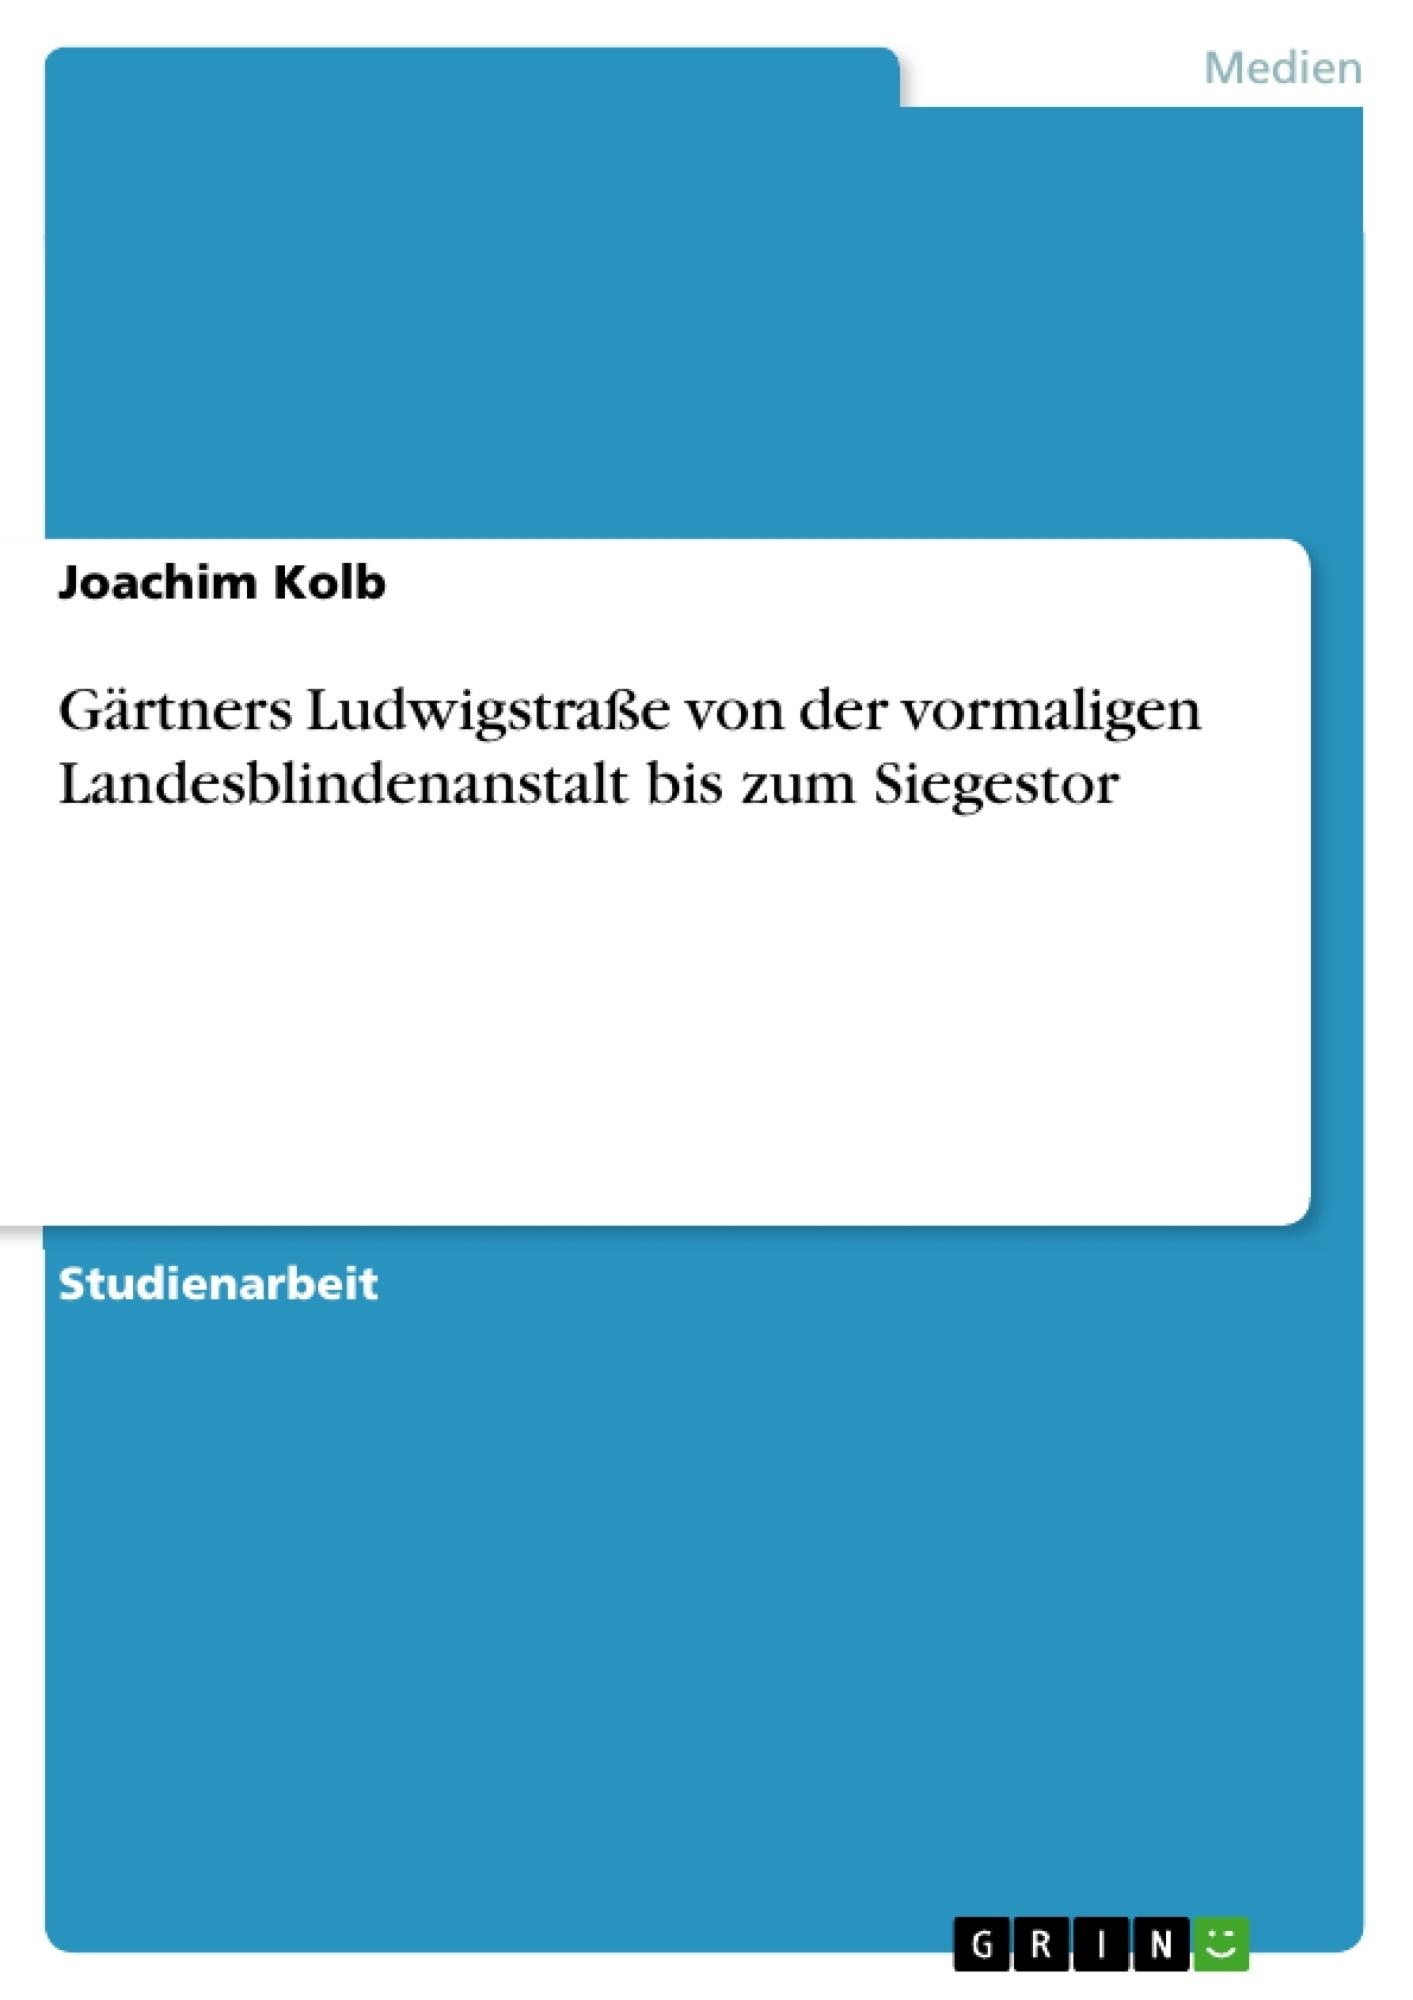 Titel: Gärtners Ludwigstraße von der vormaligen Landesblindenanstalt bis zum Siegestor